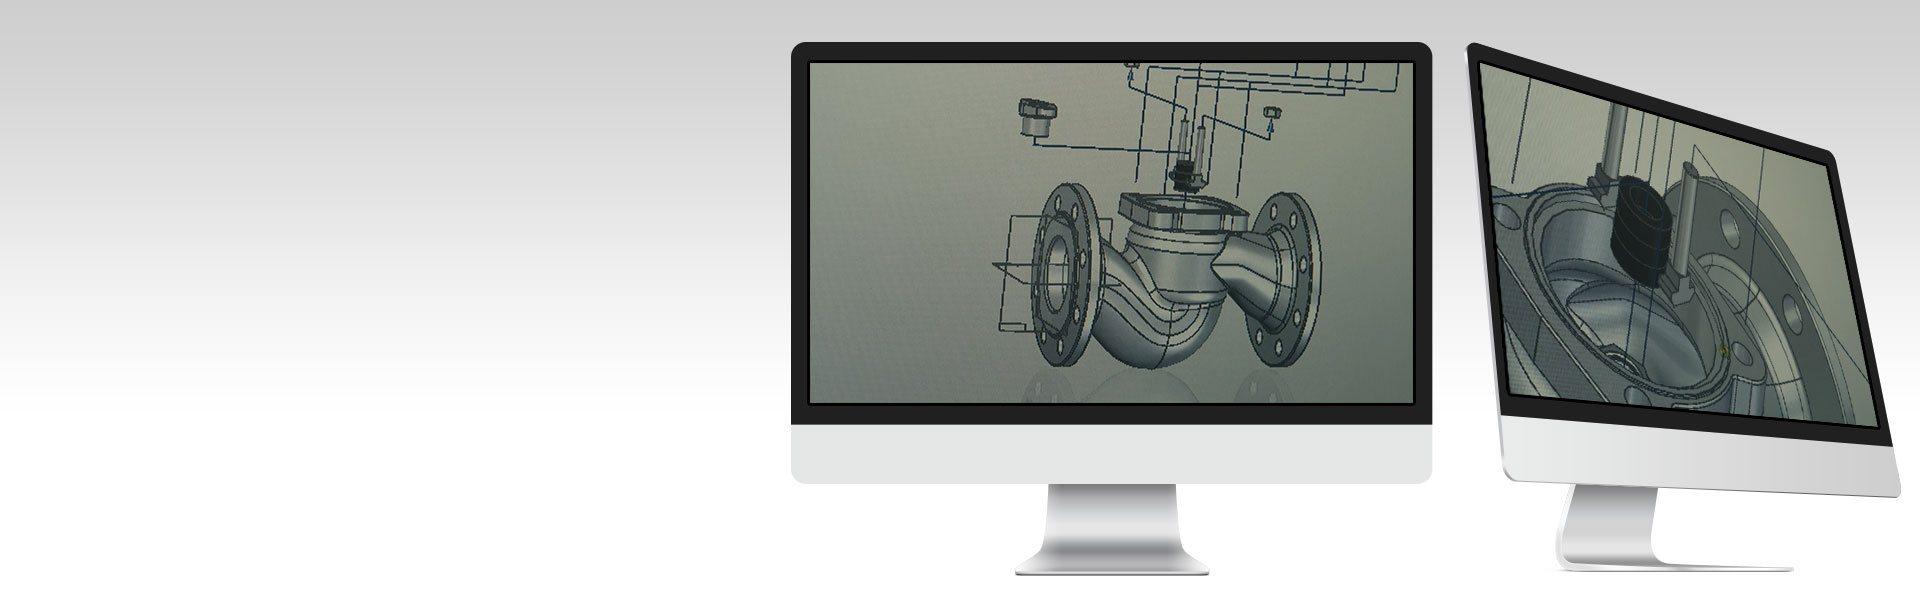 Zaawansowane narzędzia do projektowania i wykonywania analiz inżynierskich